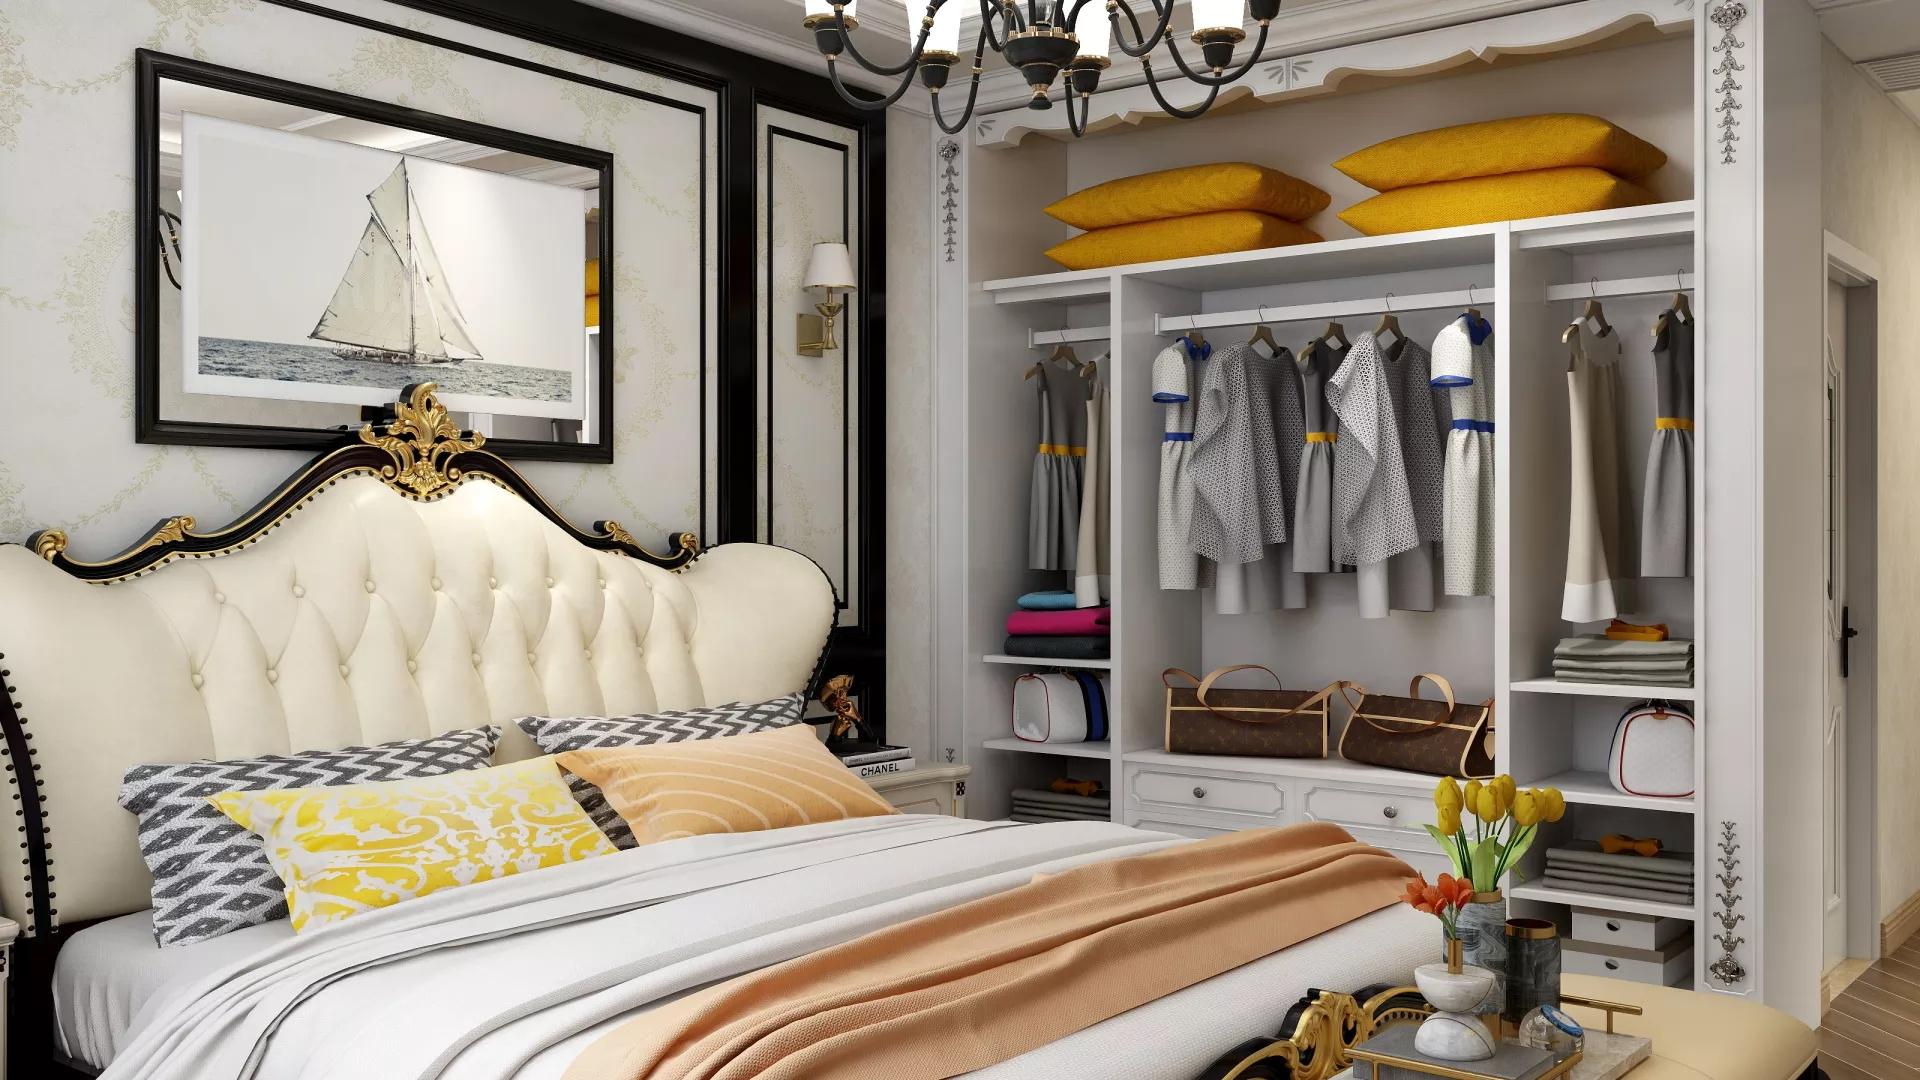 房屋装修攻略之客厅颜色选择技巧